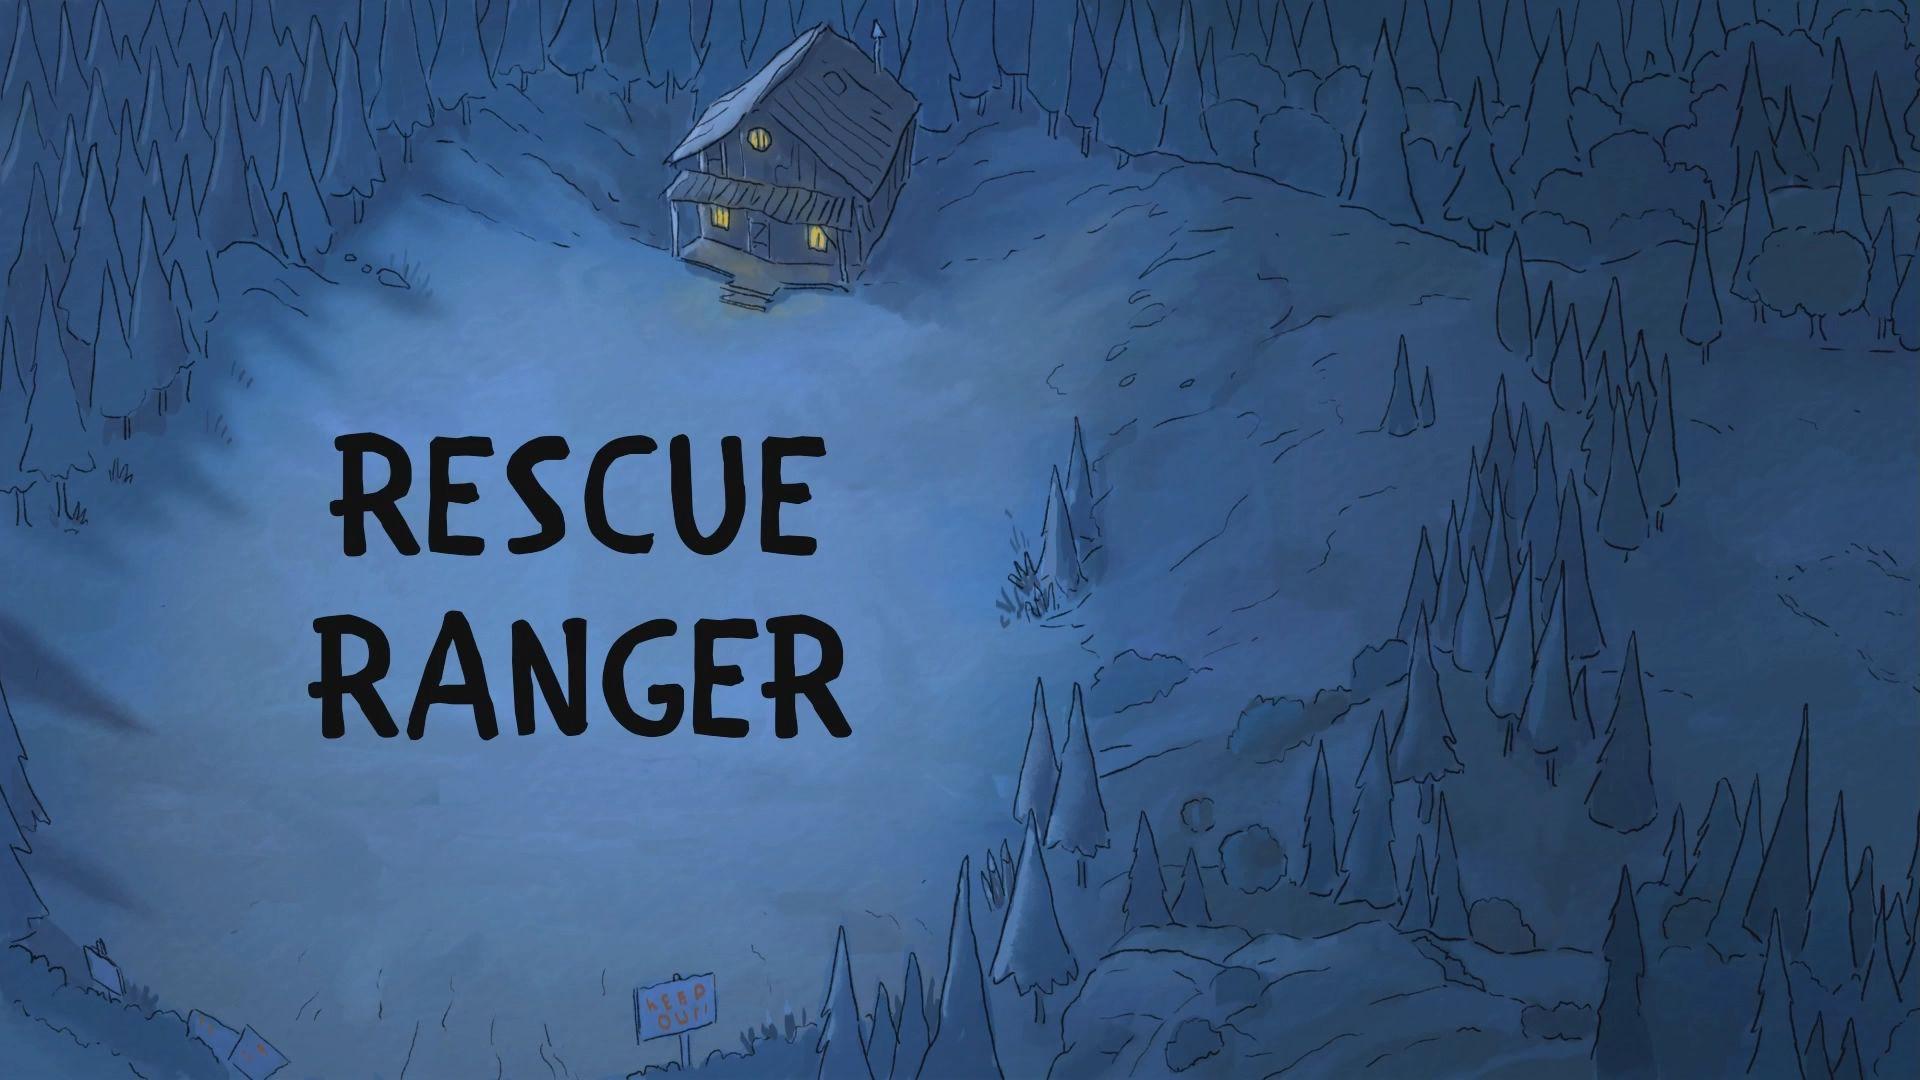 Мы обычные медведи — s04e24 — Rescue Ranger